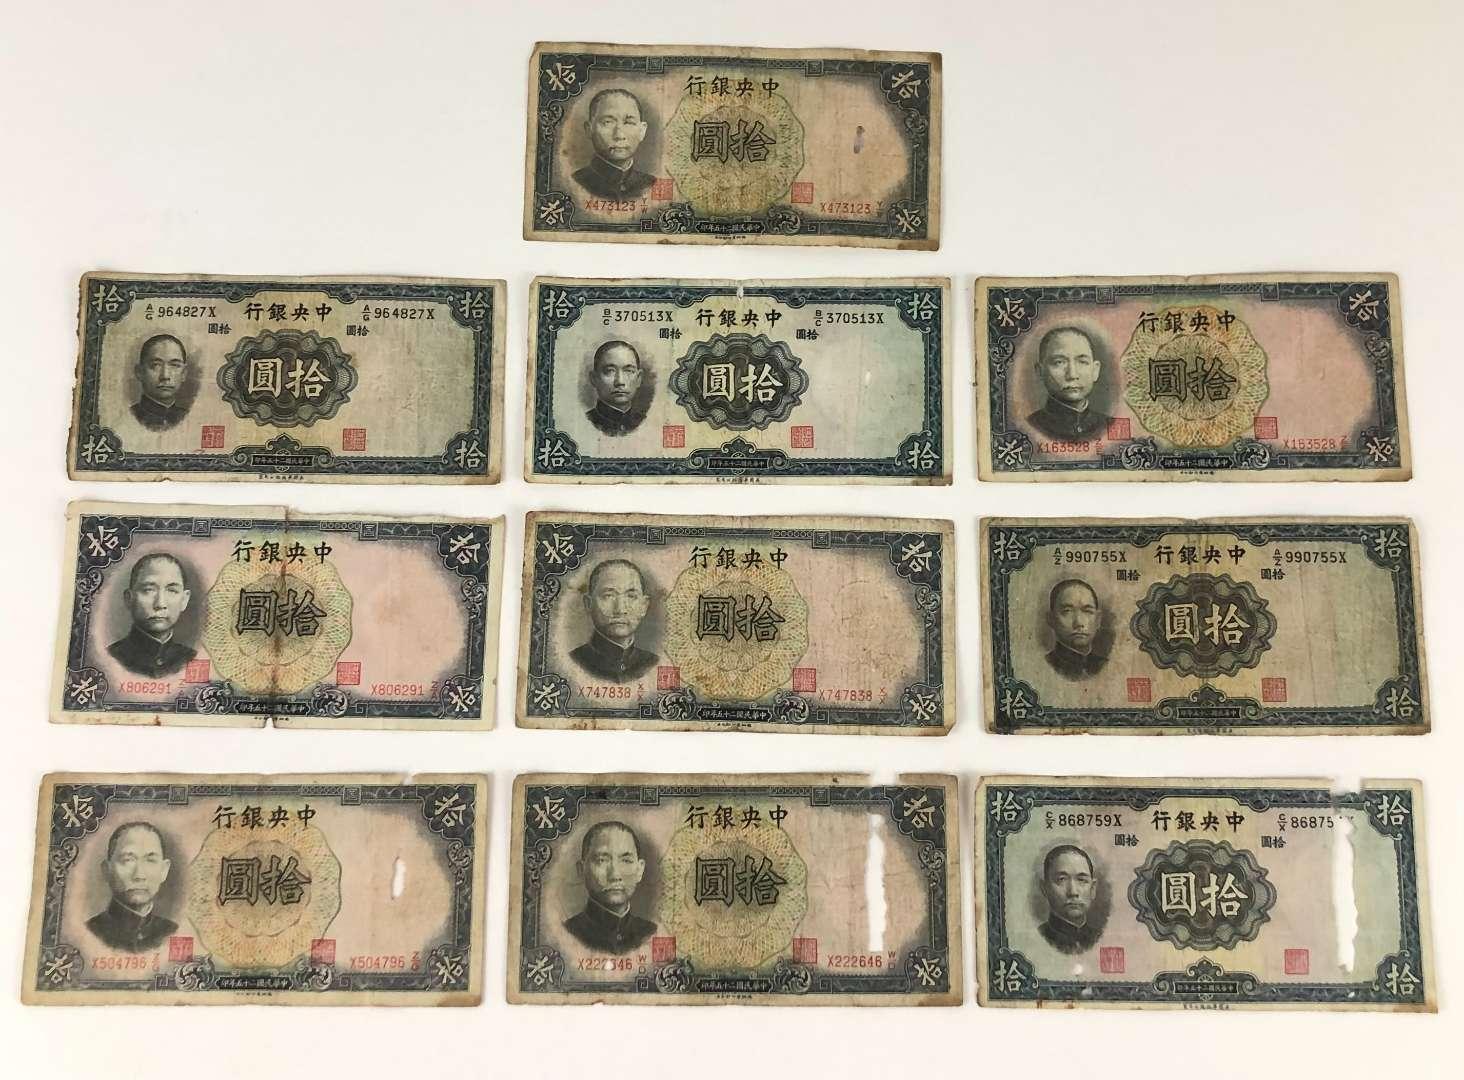 Lot # 74 - Lot of 10 Vintage 1936 Central Bank of China Ten Yuan Banknotes (main image)